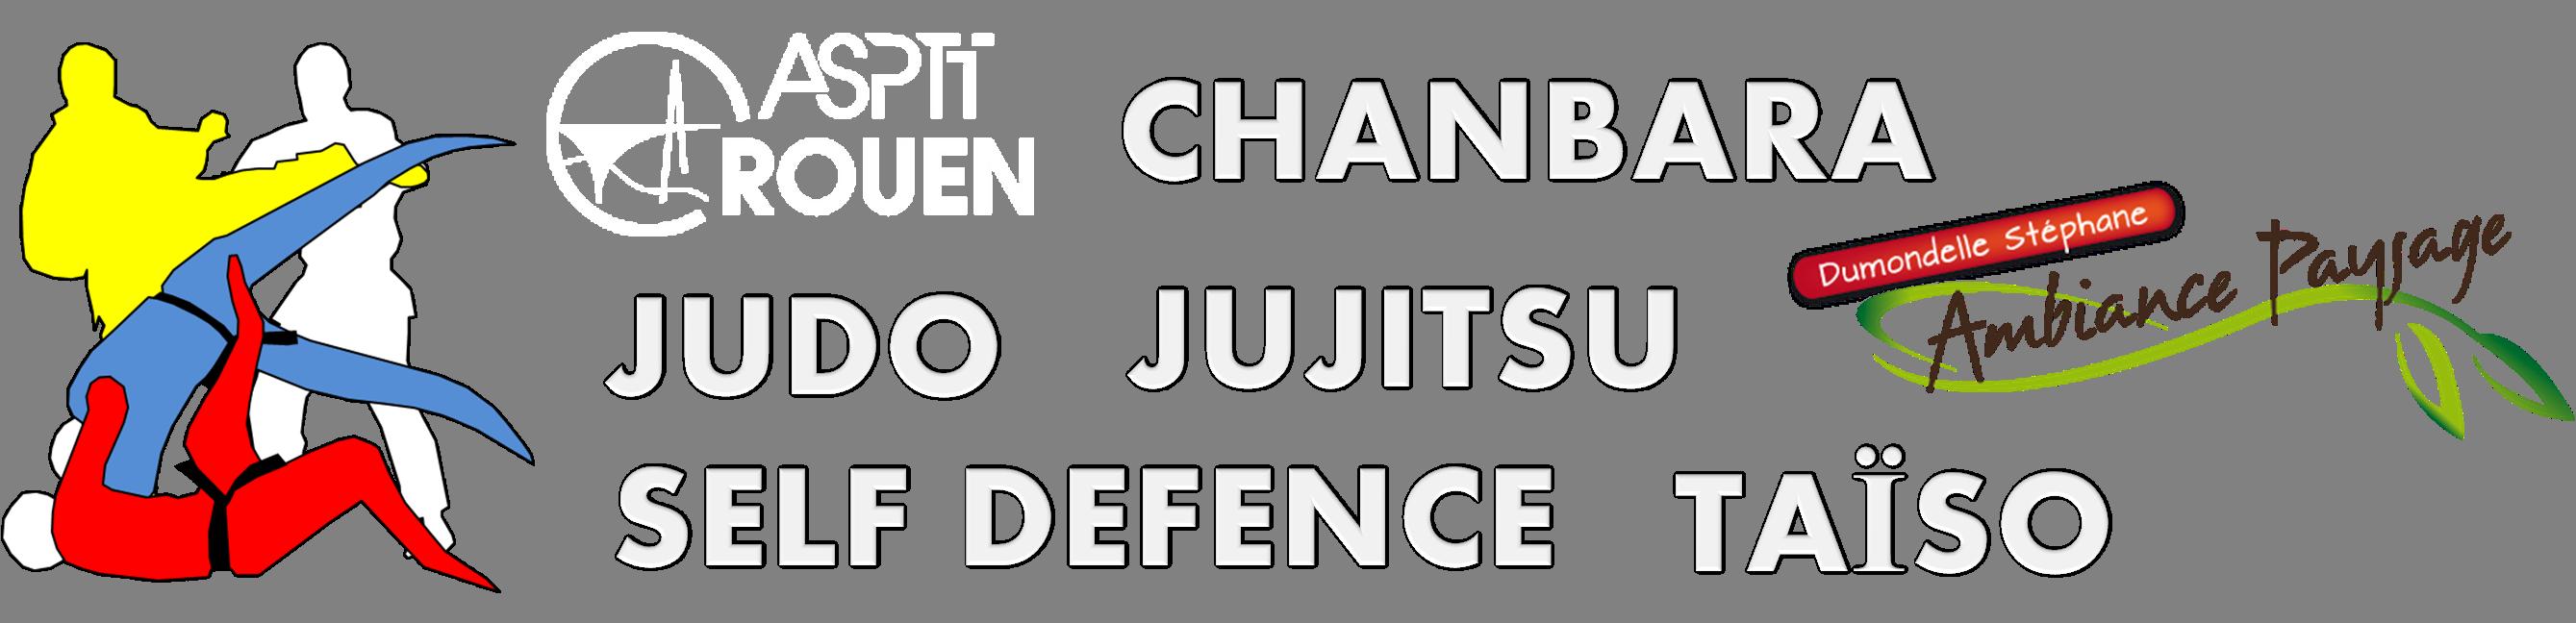 Judo Rouen 76 Jujitsu Self Defense Taiso Chanbara – ASPTT ROUEN